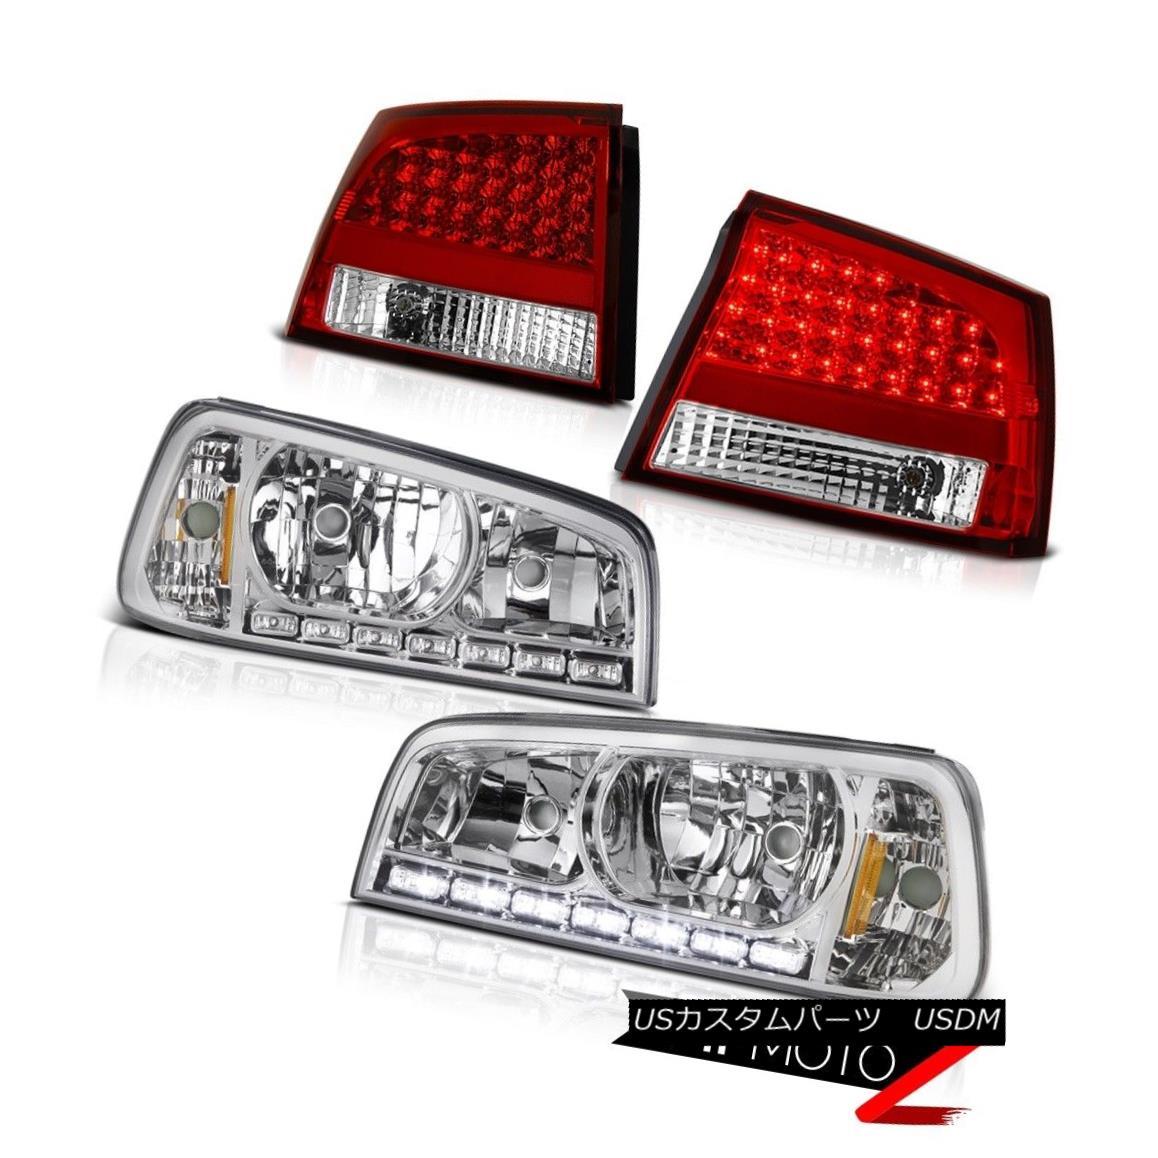 ヘッドライト 2009 2010 Dodge Charger Chrome LED Daytime Headlight Brake Lamp Rosso Taillights 2009年のダッジチャージャークロームLED昼間のヘッドライトブレーキランプロッソ灯台